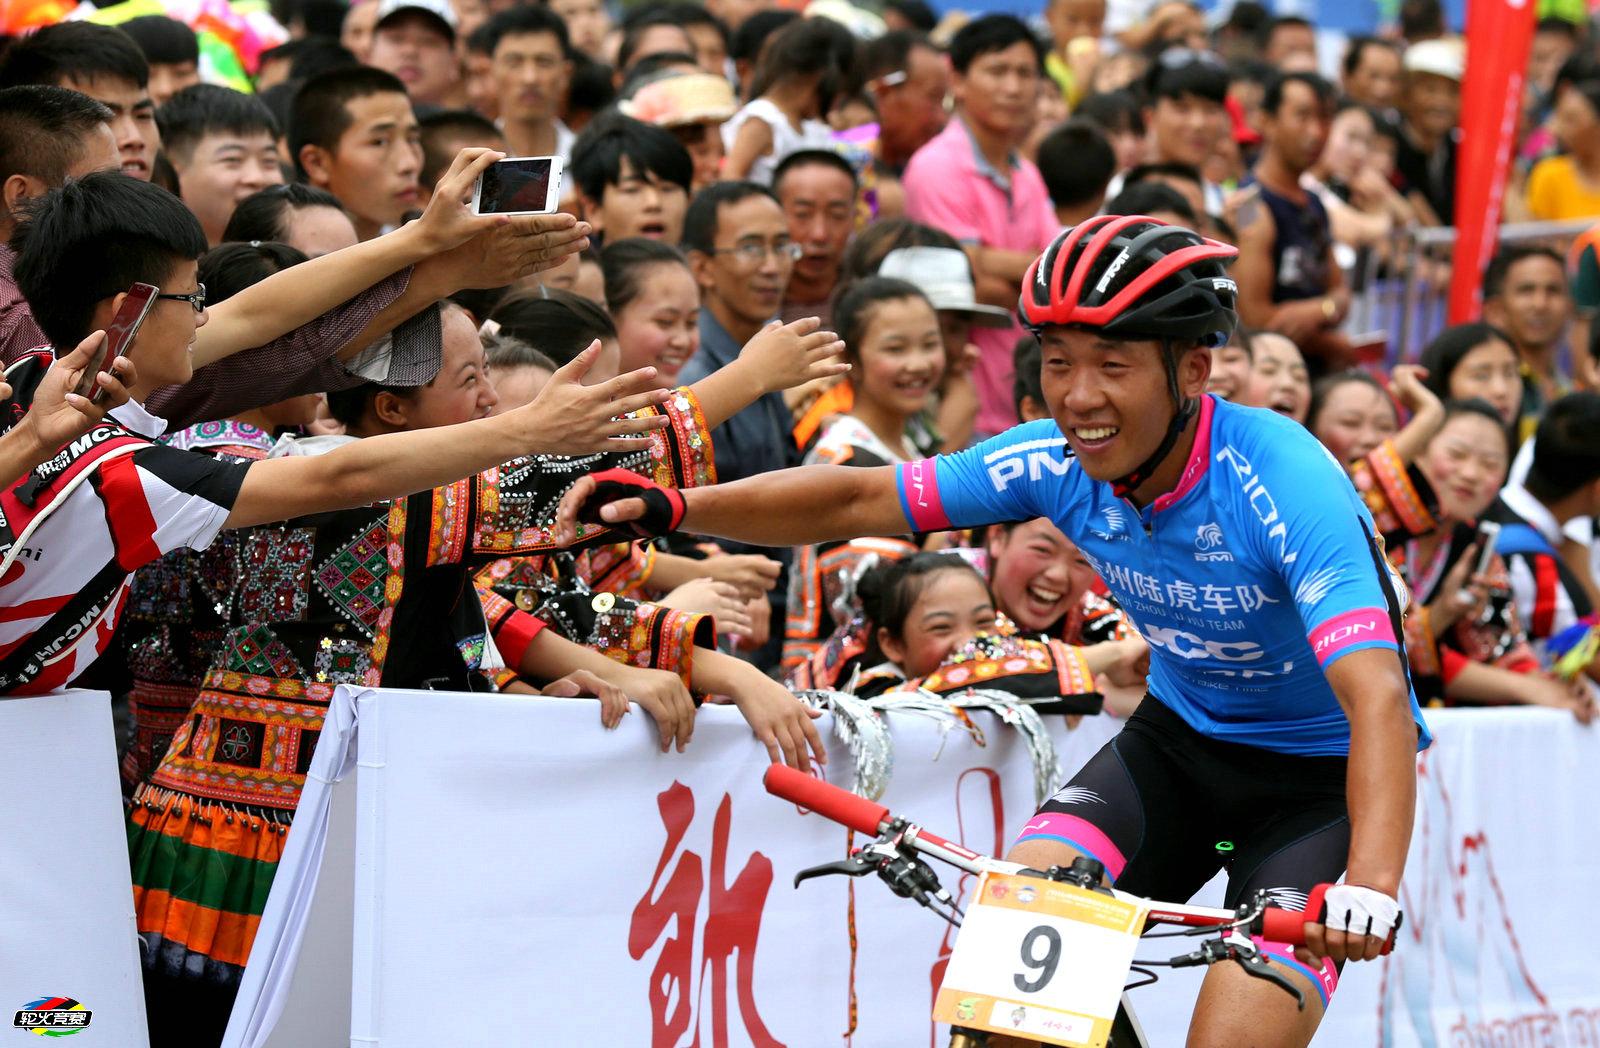 72 2016中国山地自行车公开赛贵州龙里站.JPG